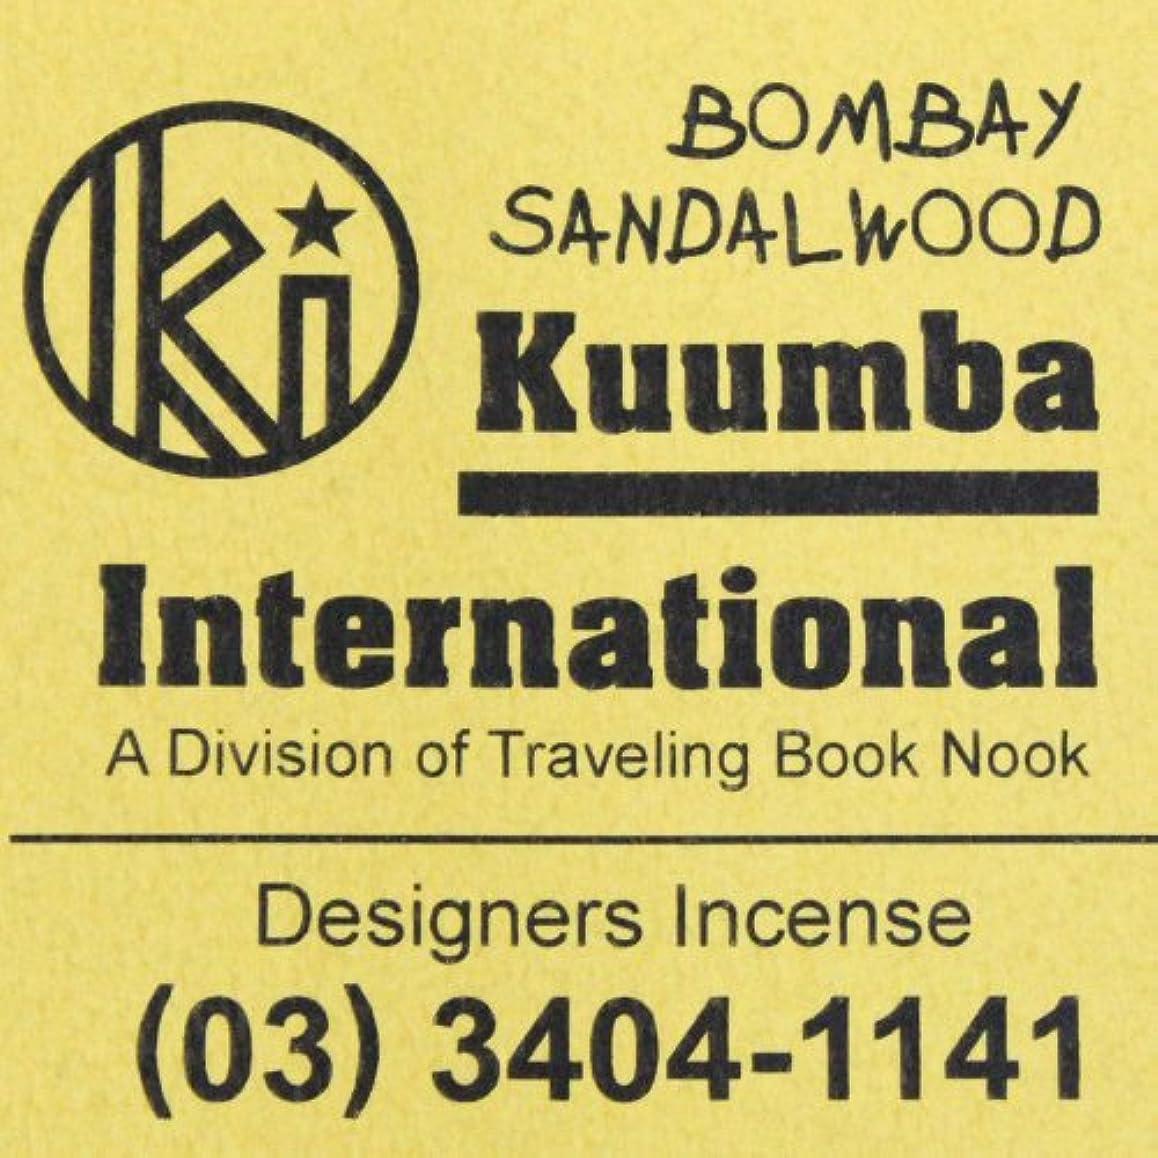 宿命イブニングプライバシーKUUMBA (クンバ)『incense』(BOMBAY SANDALWOOD) (Regular size)